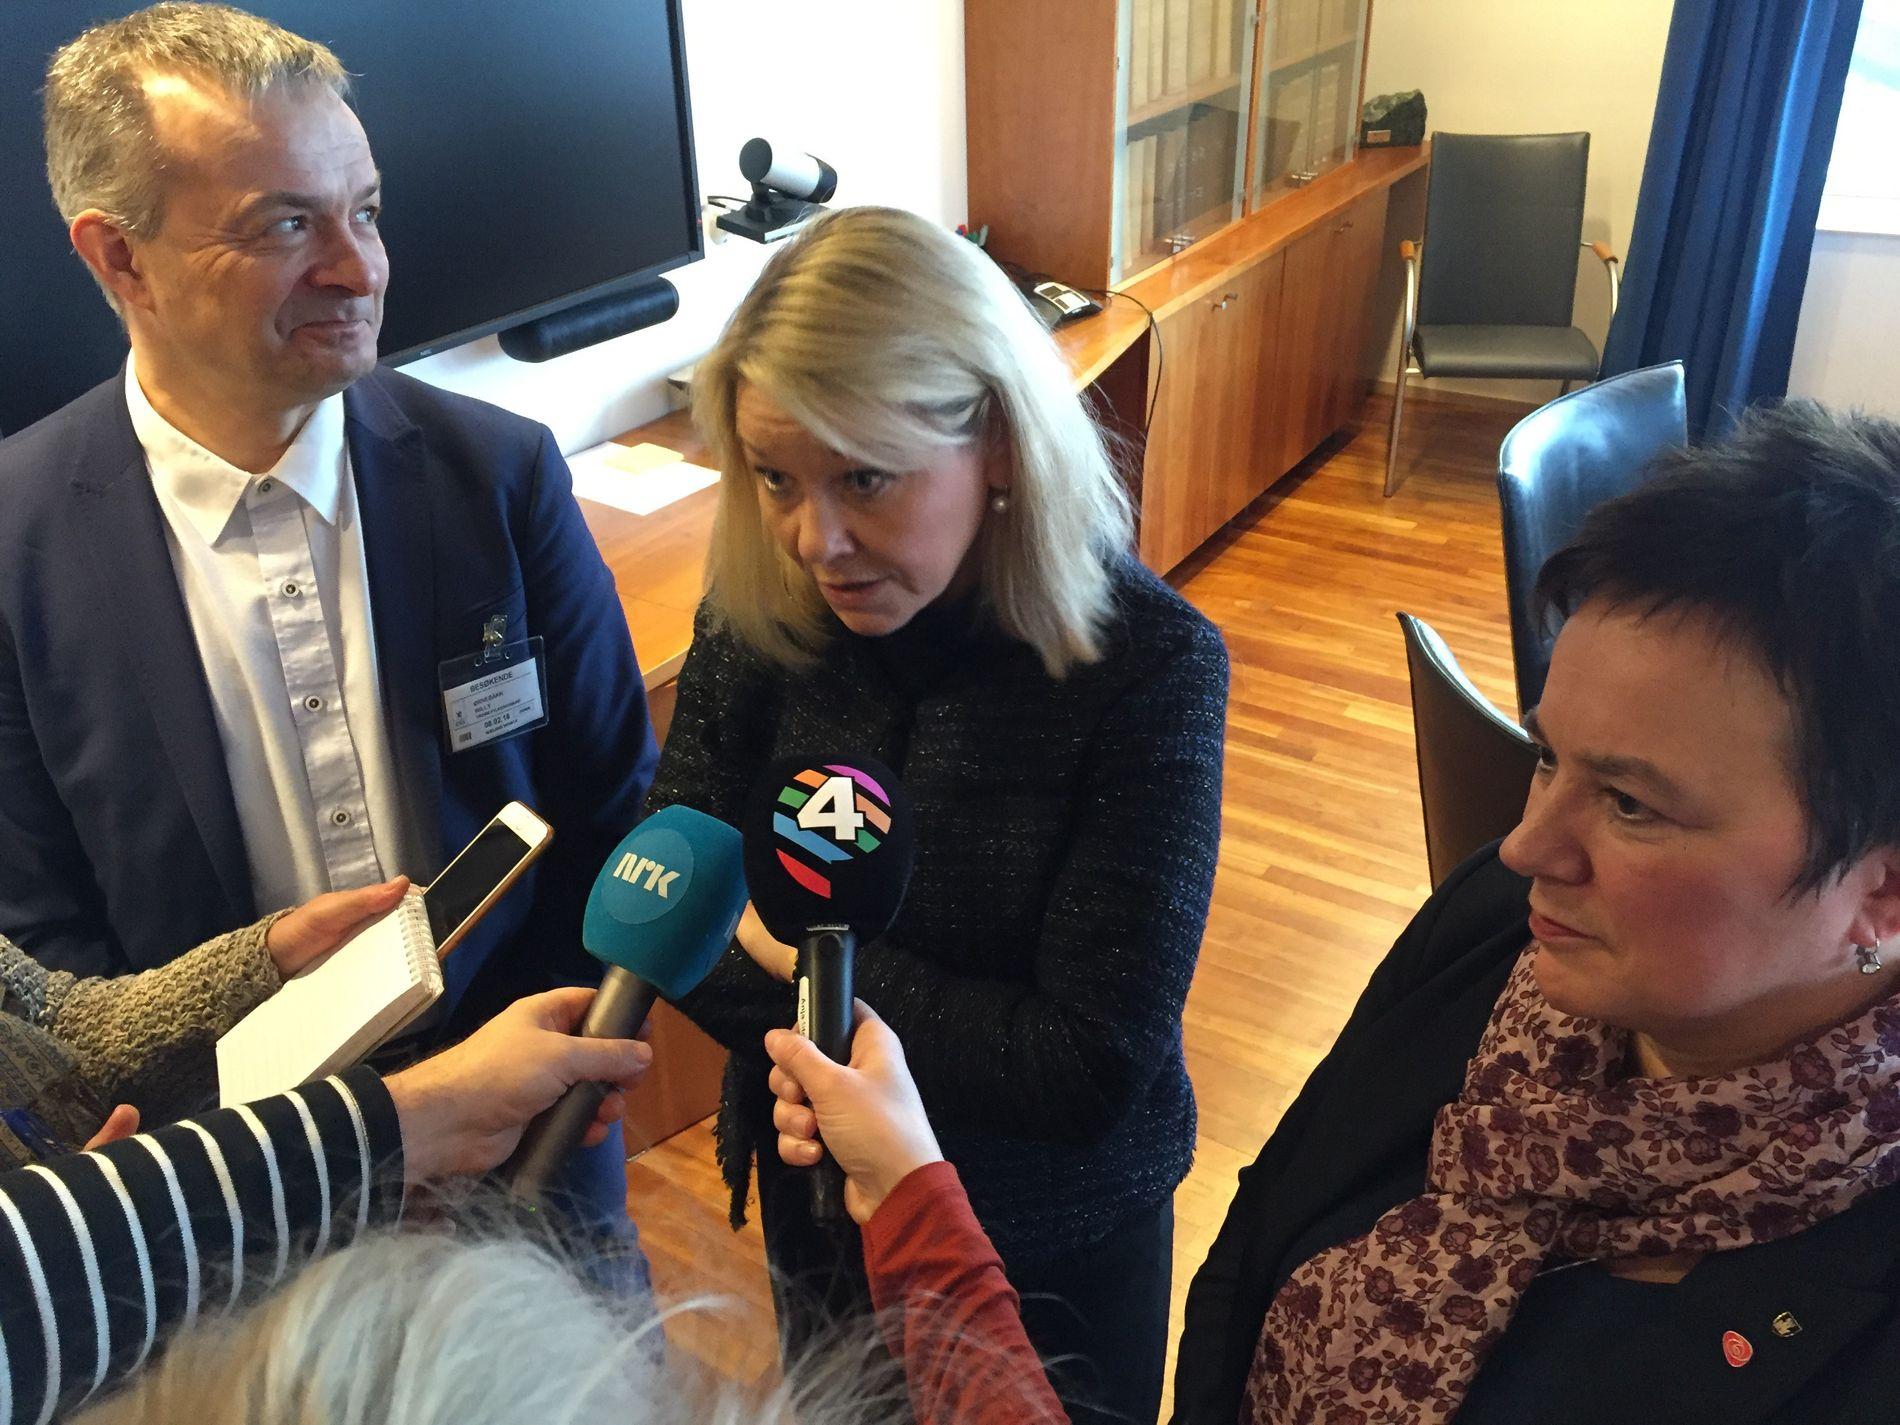 FORTSATT AVSTAND: Møtet mellom Willy Bjørnbakk (Ap) fra Troms, kommunalminister Monica Mæland (H) og fylkesordfører Ragnhild Vassvik (Ap) foregikk i en god tone, ifølge Mæland. Men konflikten om sammenslåingen av de to fylkenen er fullstendig fastlåst.